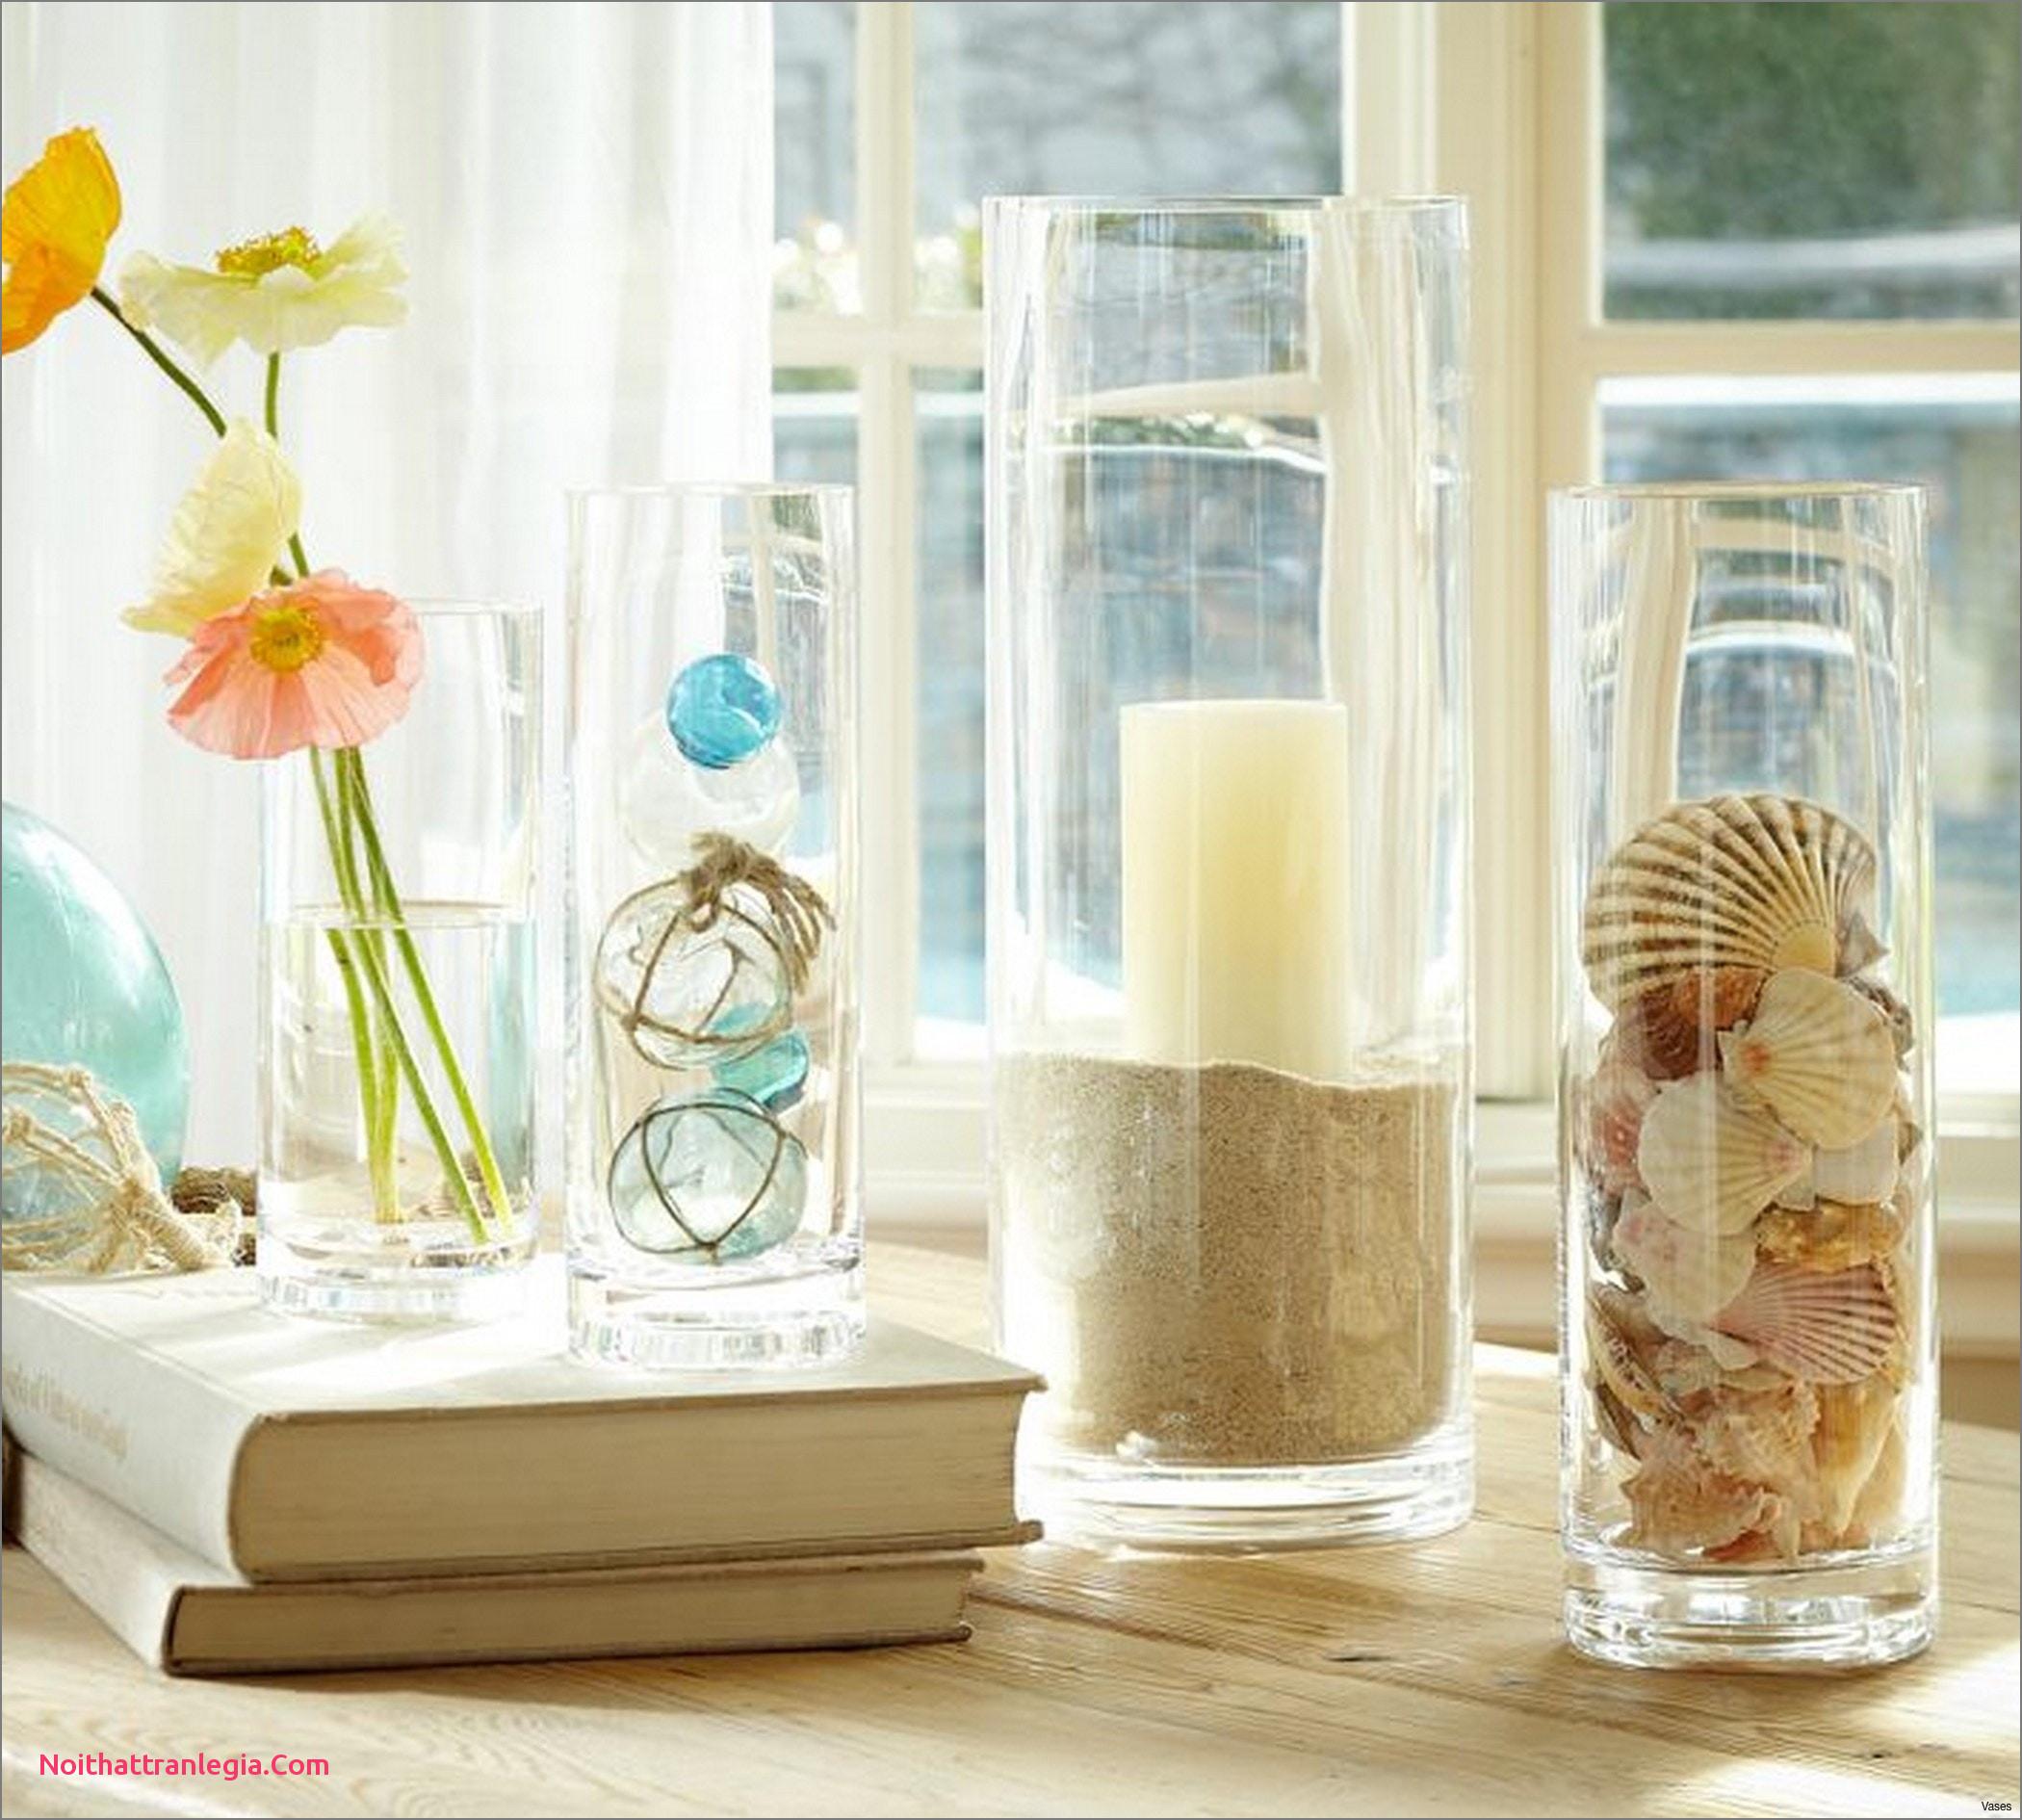 blown glass vases for sale of 20 how to make mercury glass vases noithattranlegia vases design in glass vase fillers vase filler ideas 5h vases summer 5i 0d inspiration vase